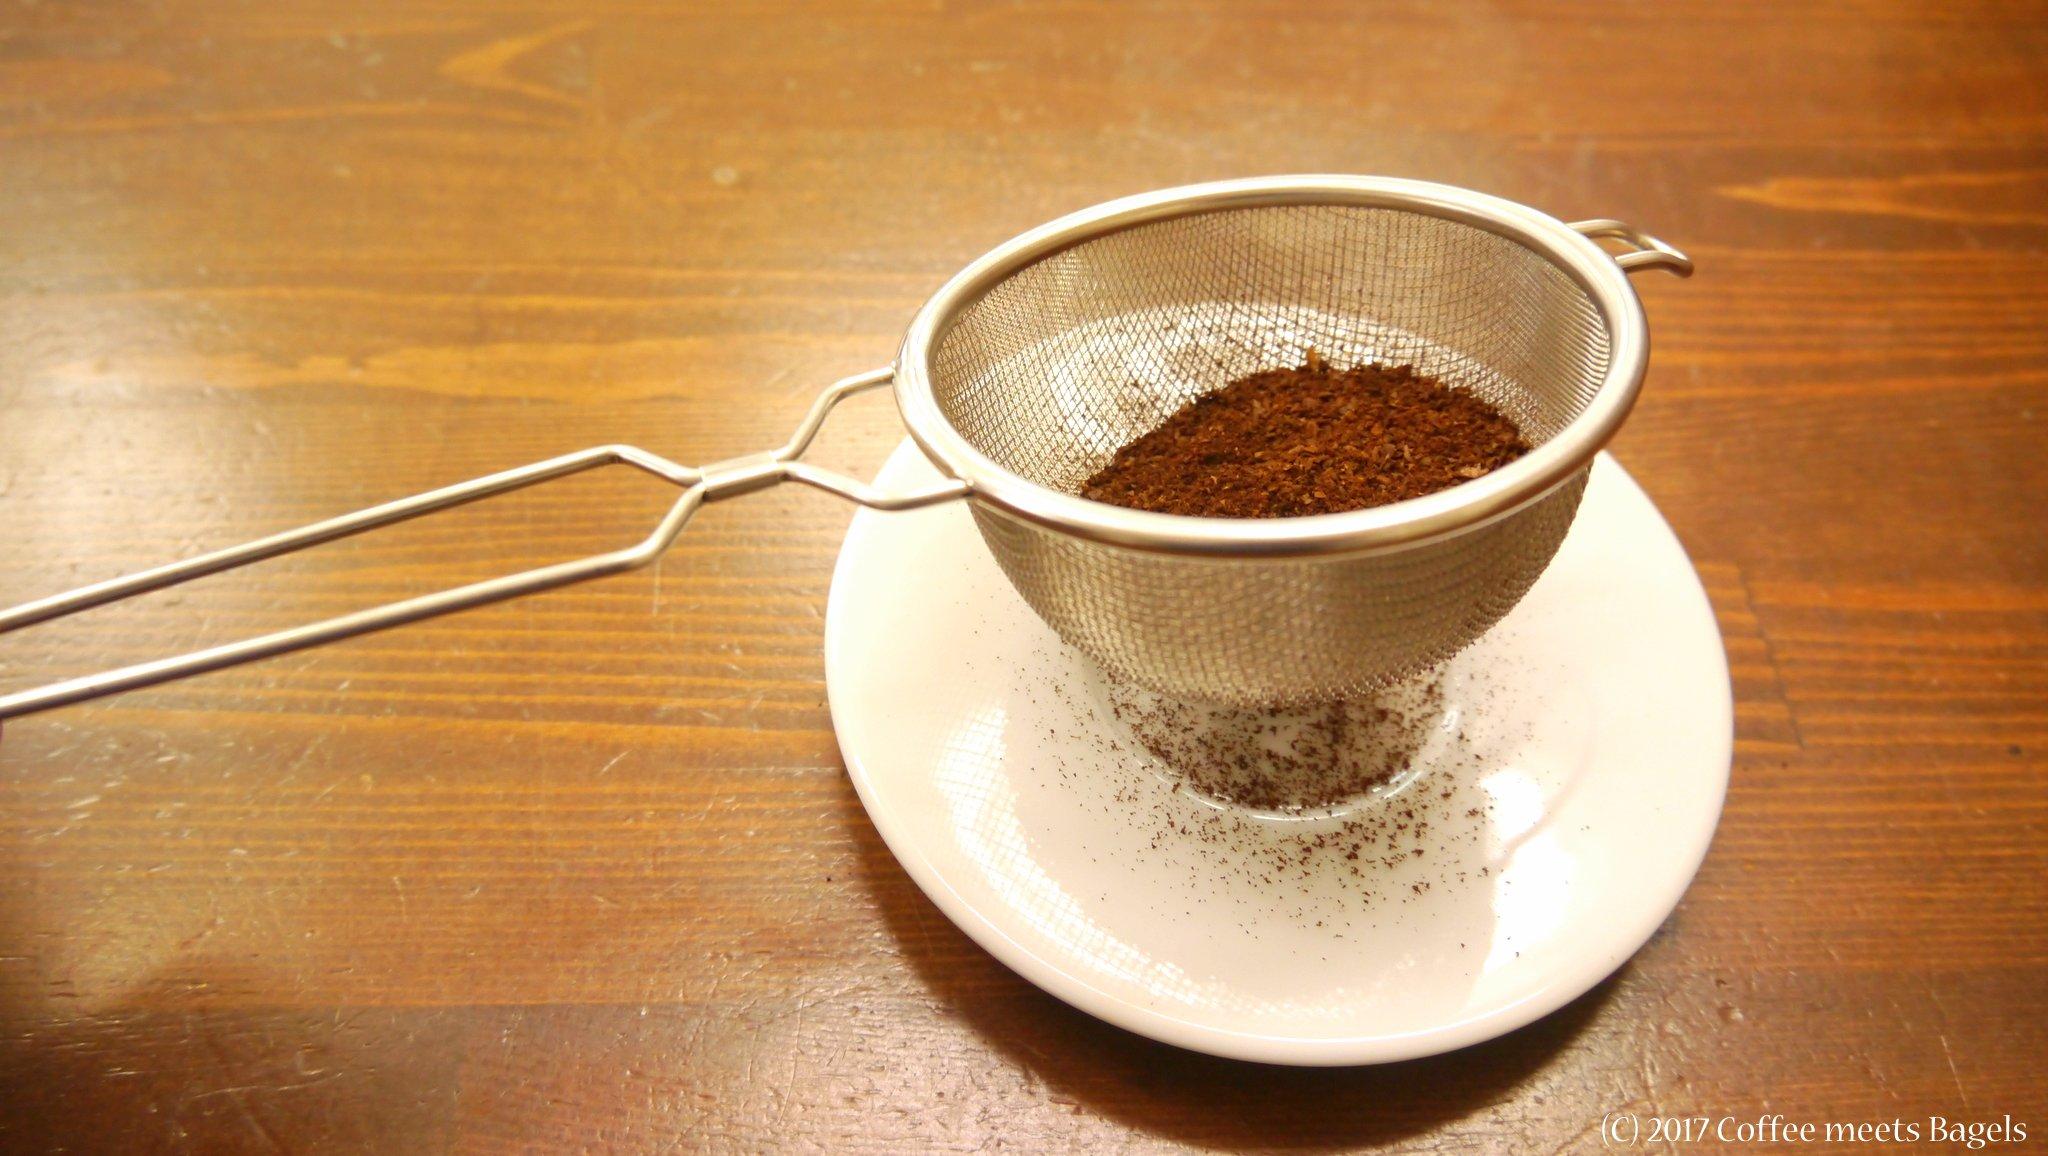 茶こしでコーヒー豆の微粉を除去